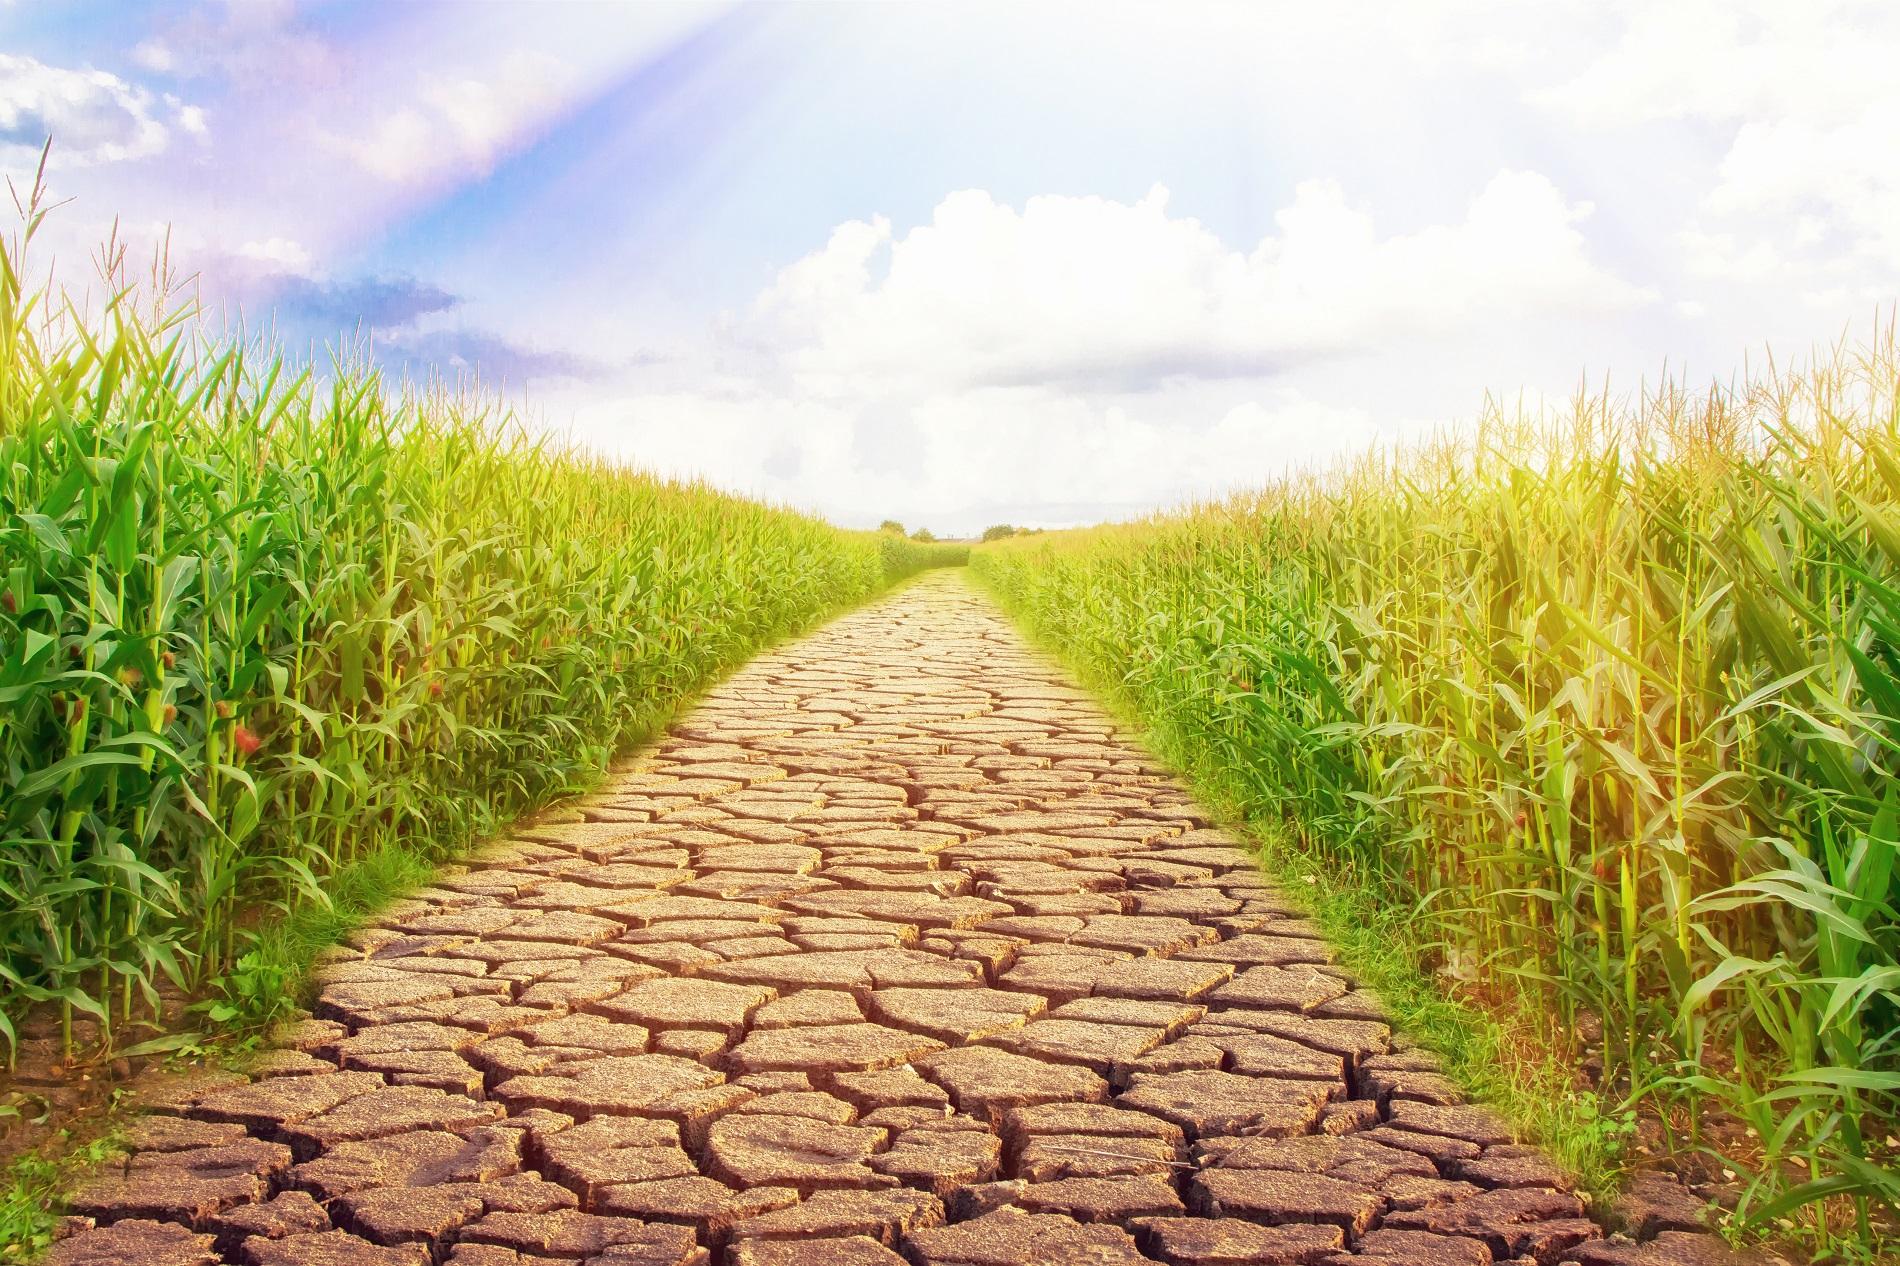 5 medidas sostenibles para hacer frente al cambio climático desde la agricultura